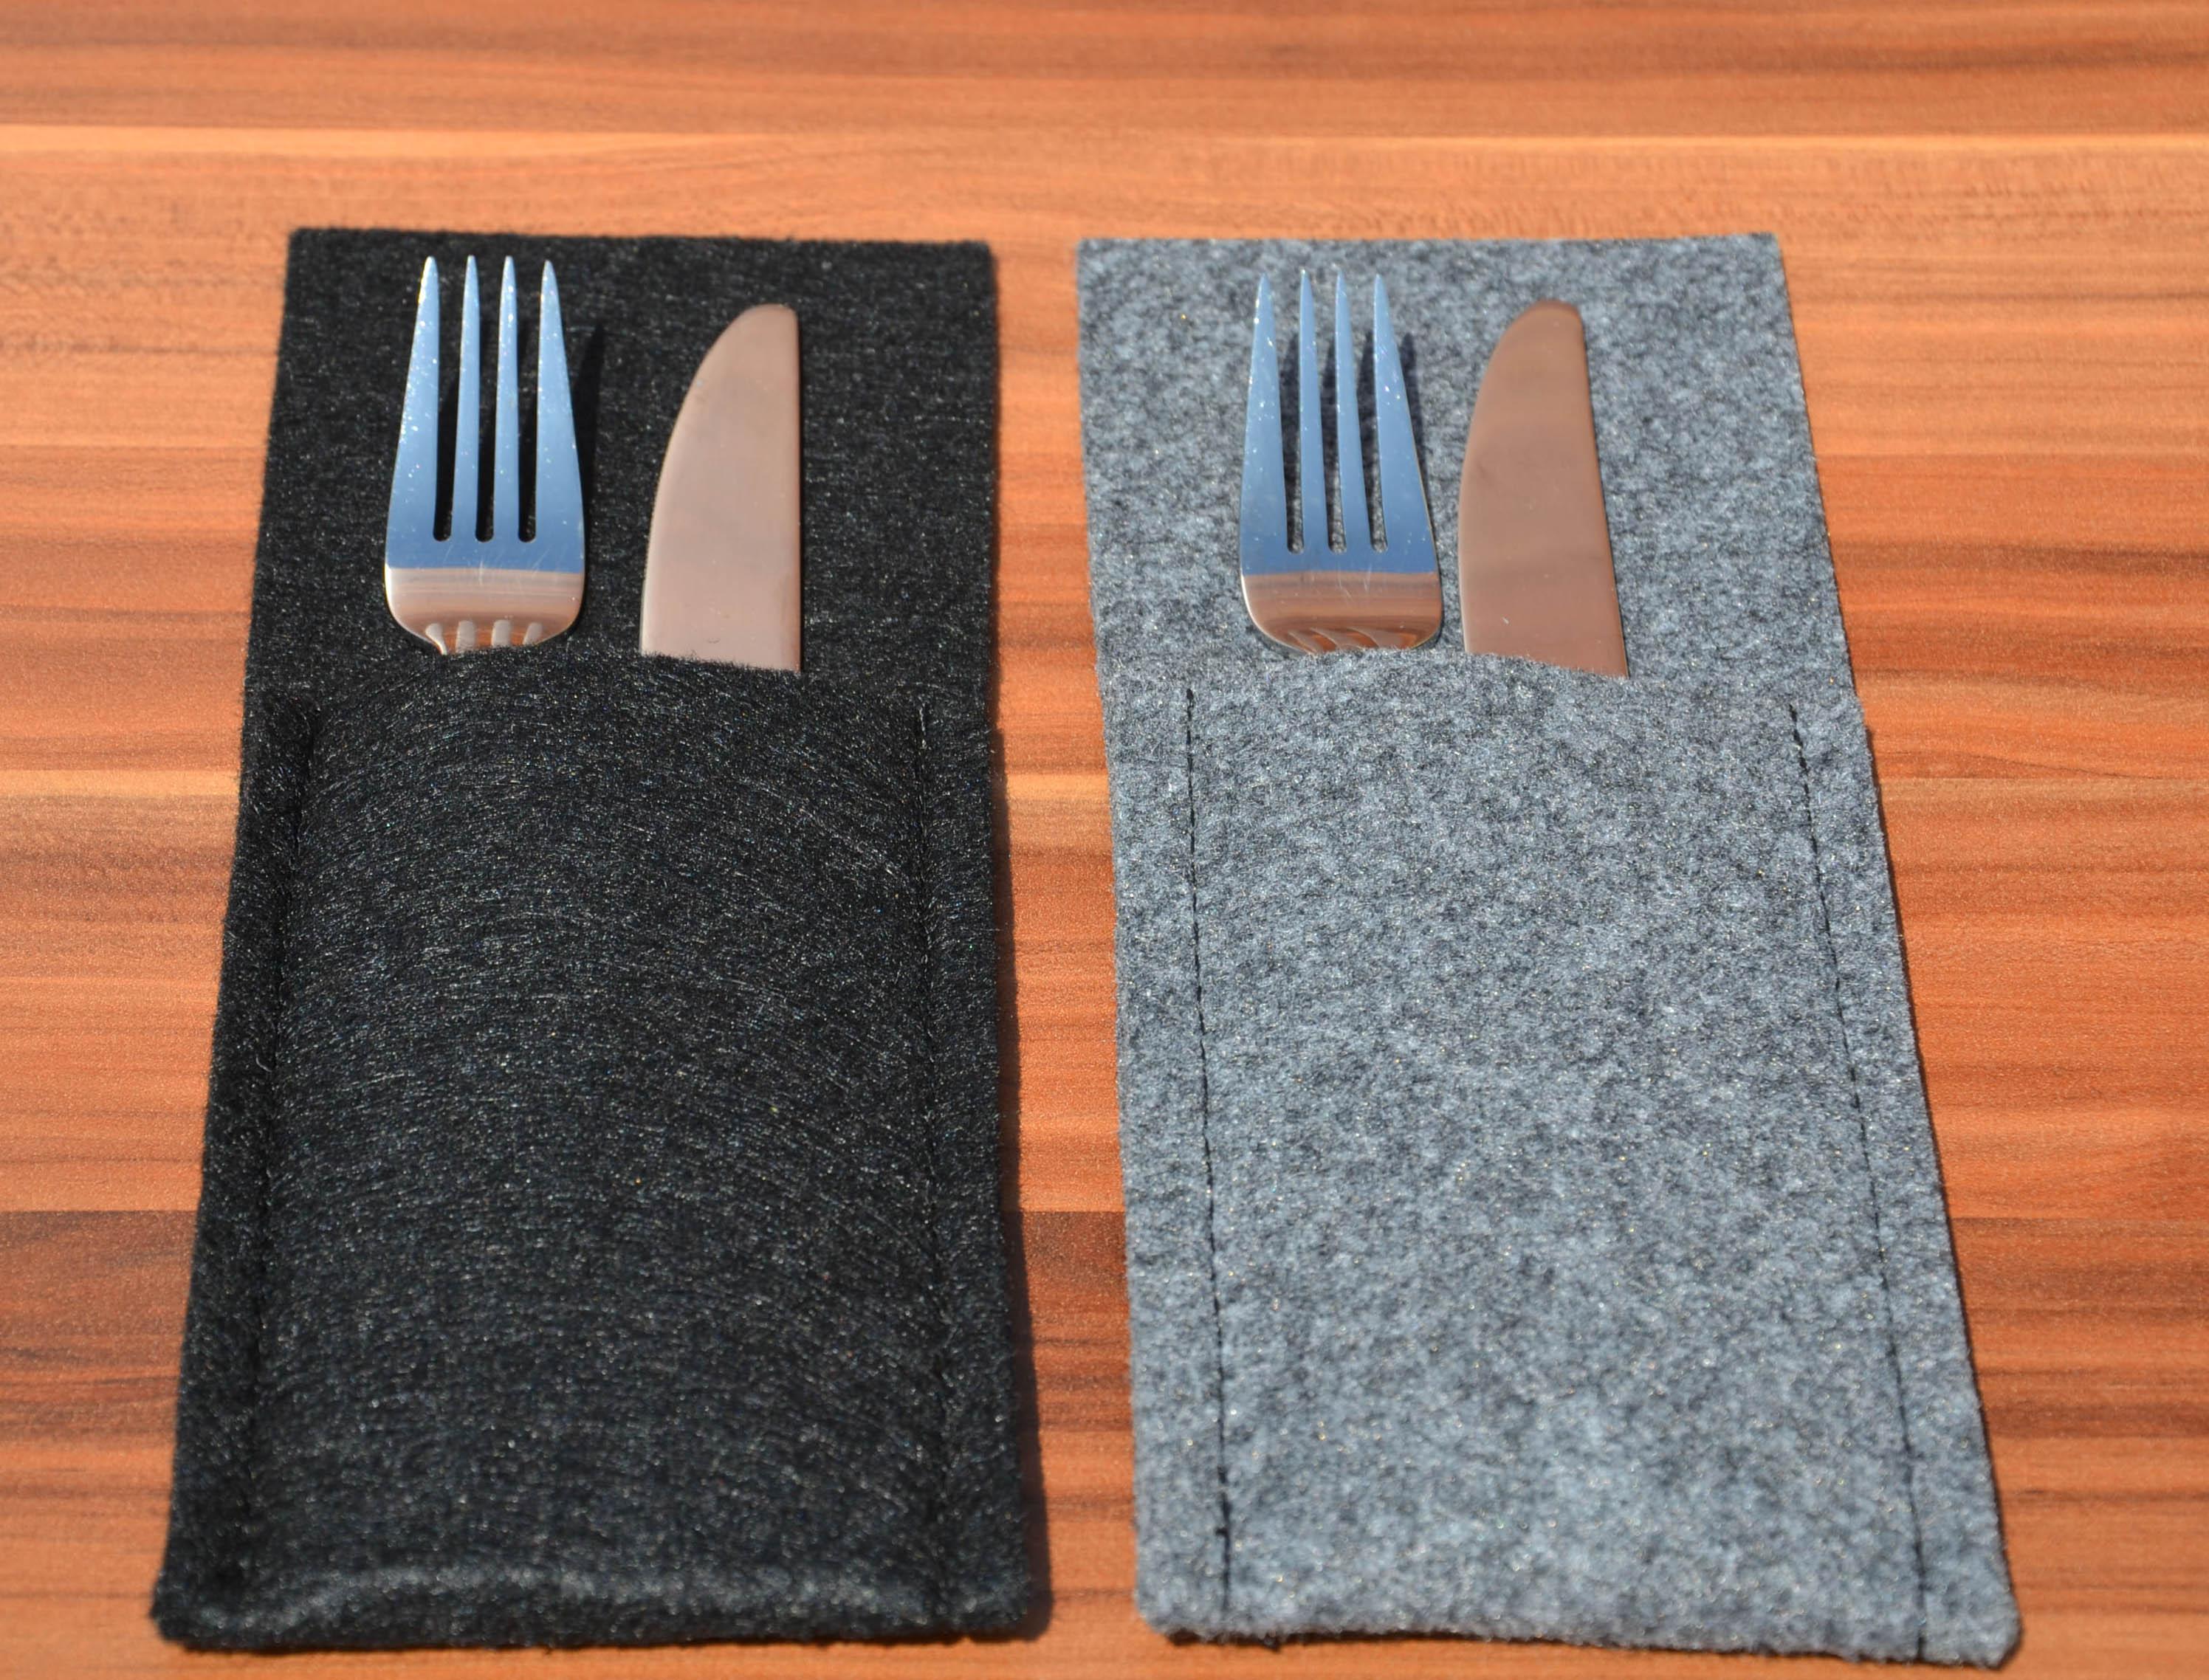 bestecktasche serviettentasche aus filz made in germany farbe w hlbar ebay. Black Bedroom Furniture Sets. Home Design Ideas